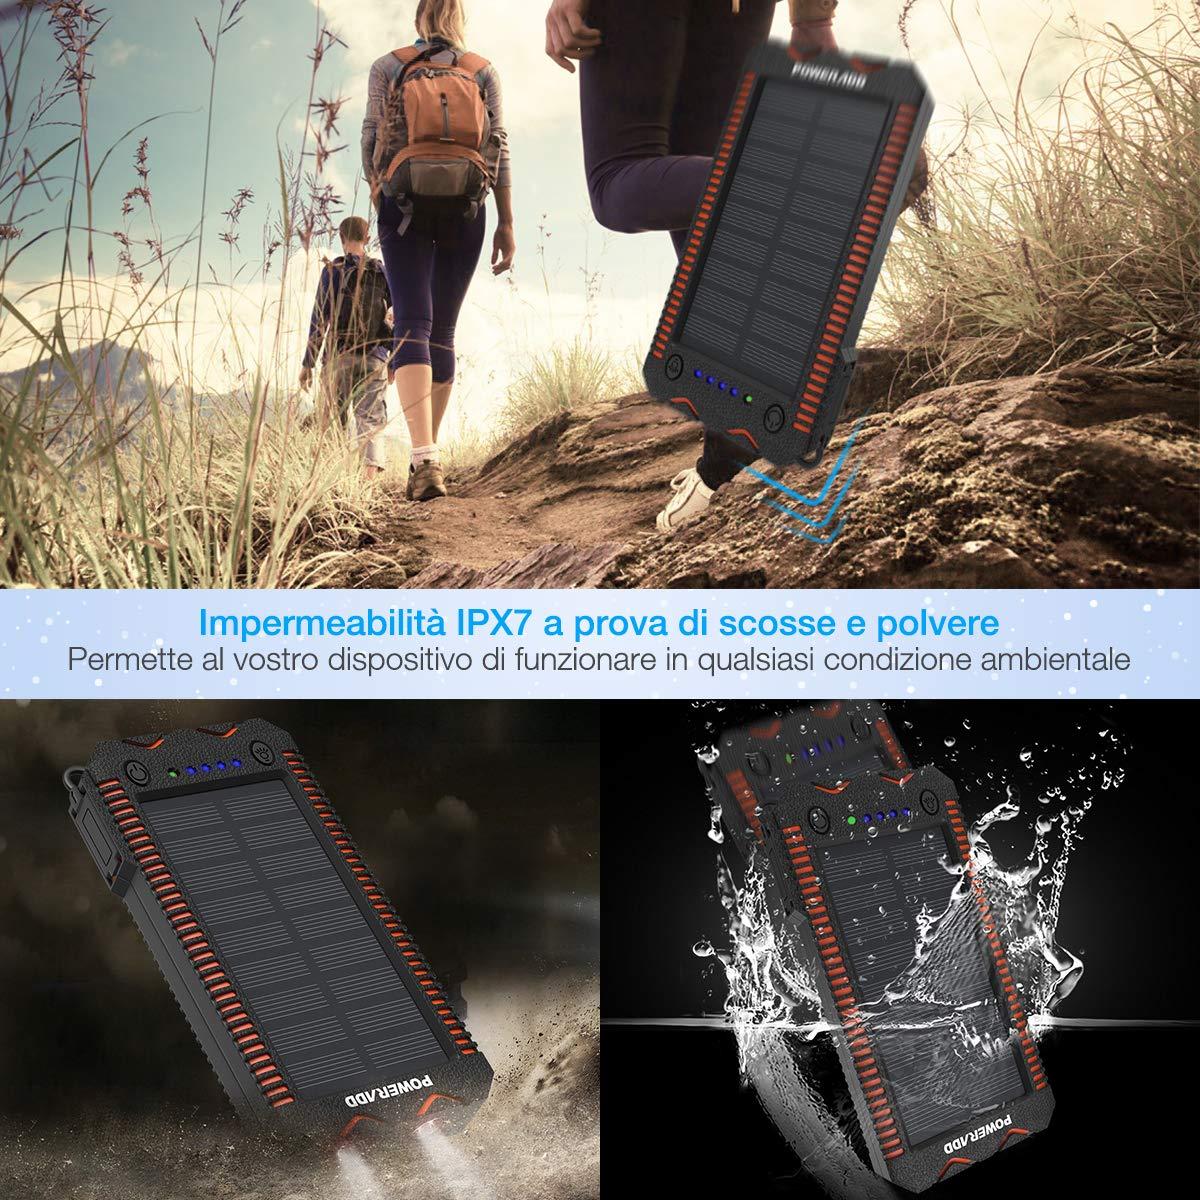 Poweradd Powerbank Solare Apollo 2 Caricabatteria Portatile Batteria Esterna Con Pannello Solare iPhone, iPad, Smartphone e Tablet,12000mah con 2 Luci LED, Doppia uscita USB, Accendisigari integrato